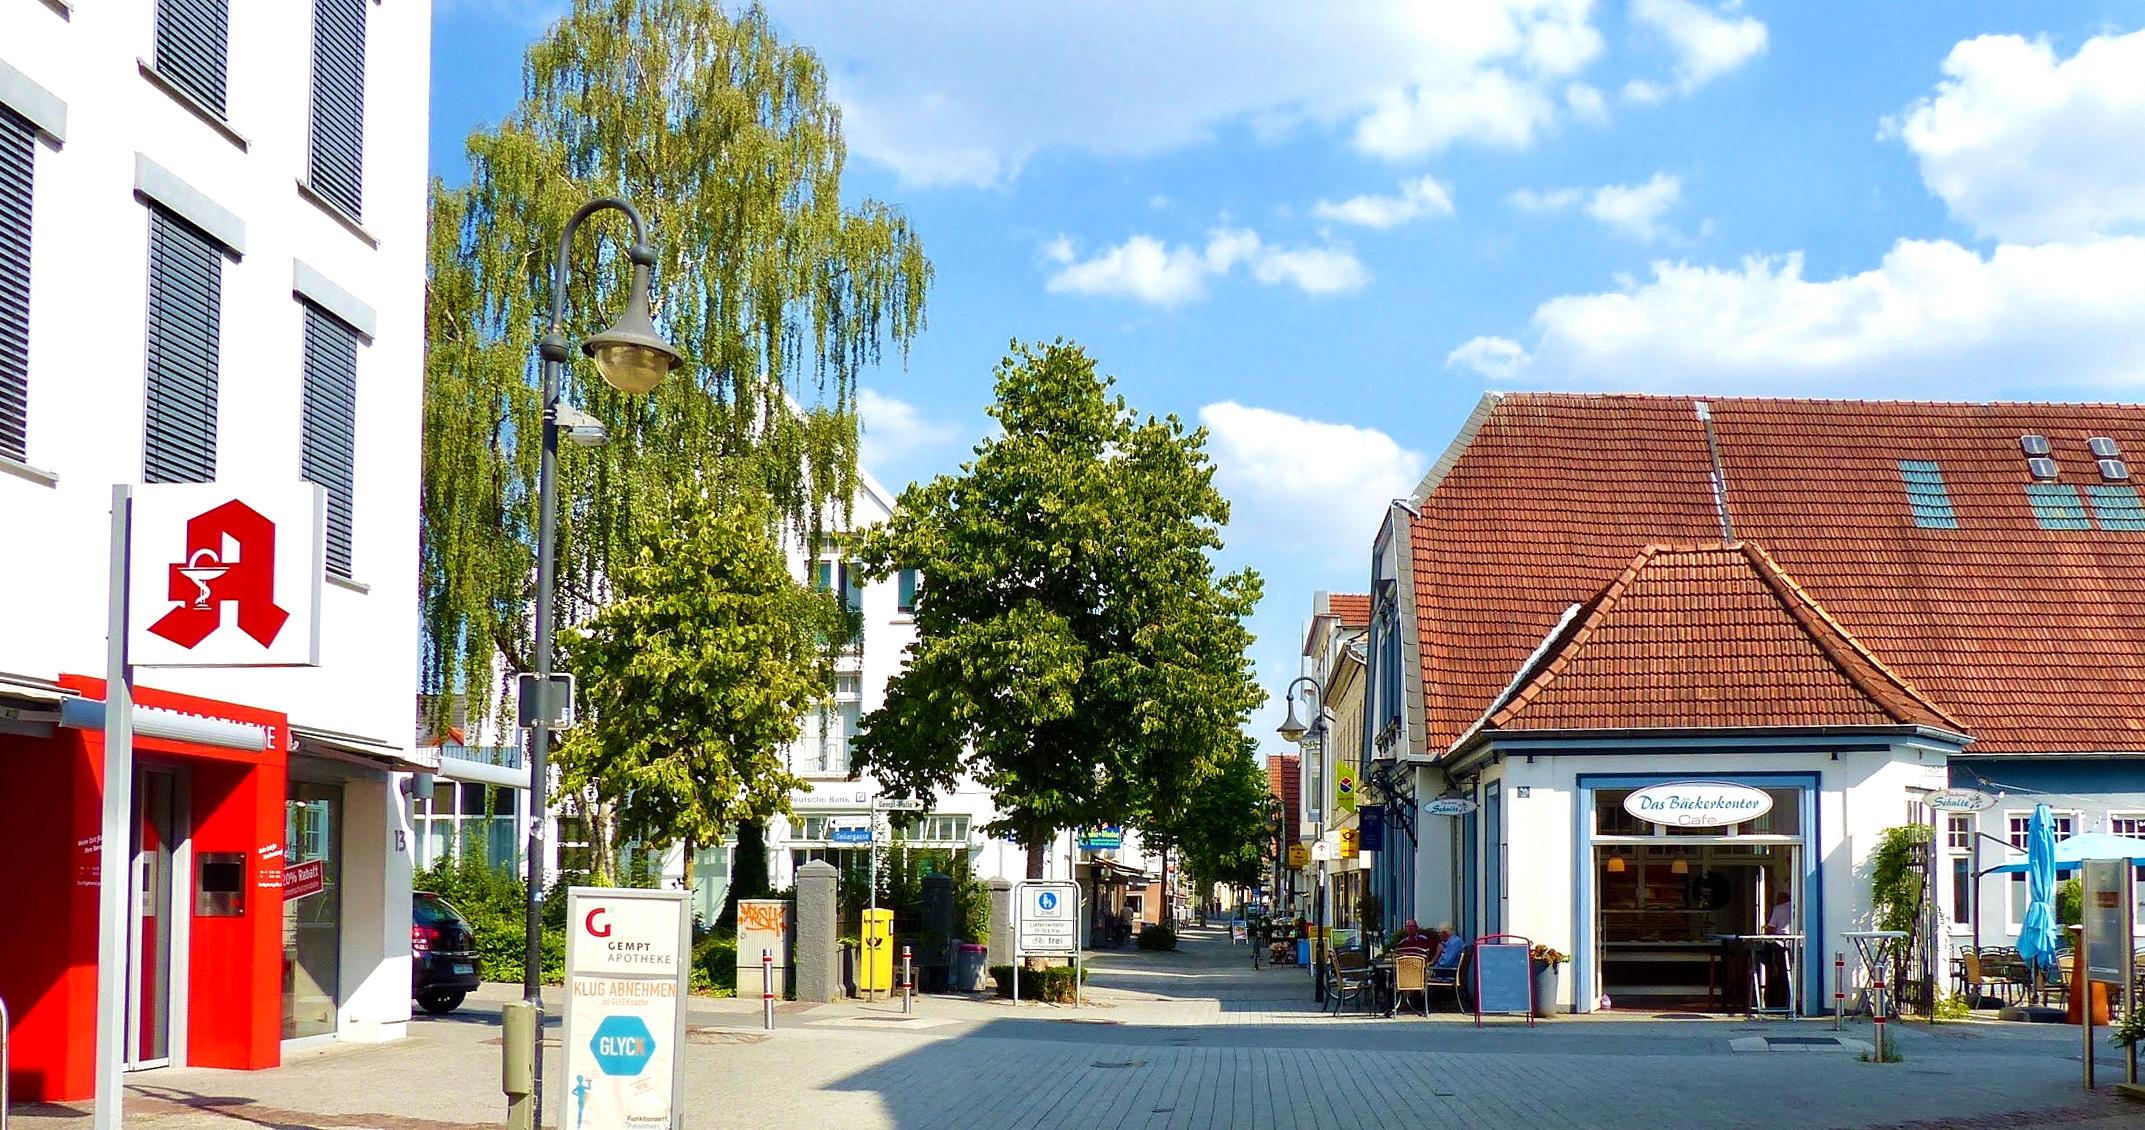 Innenstadt von Lengerich, nahe Tecklenburg in Nordrhein Westfalen